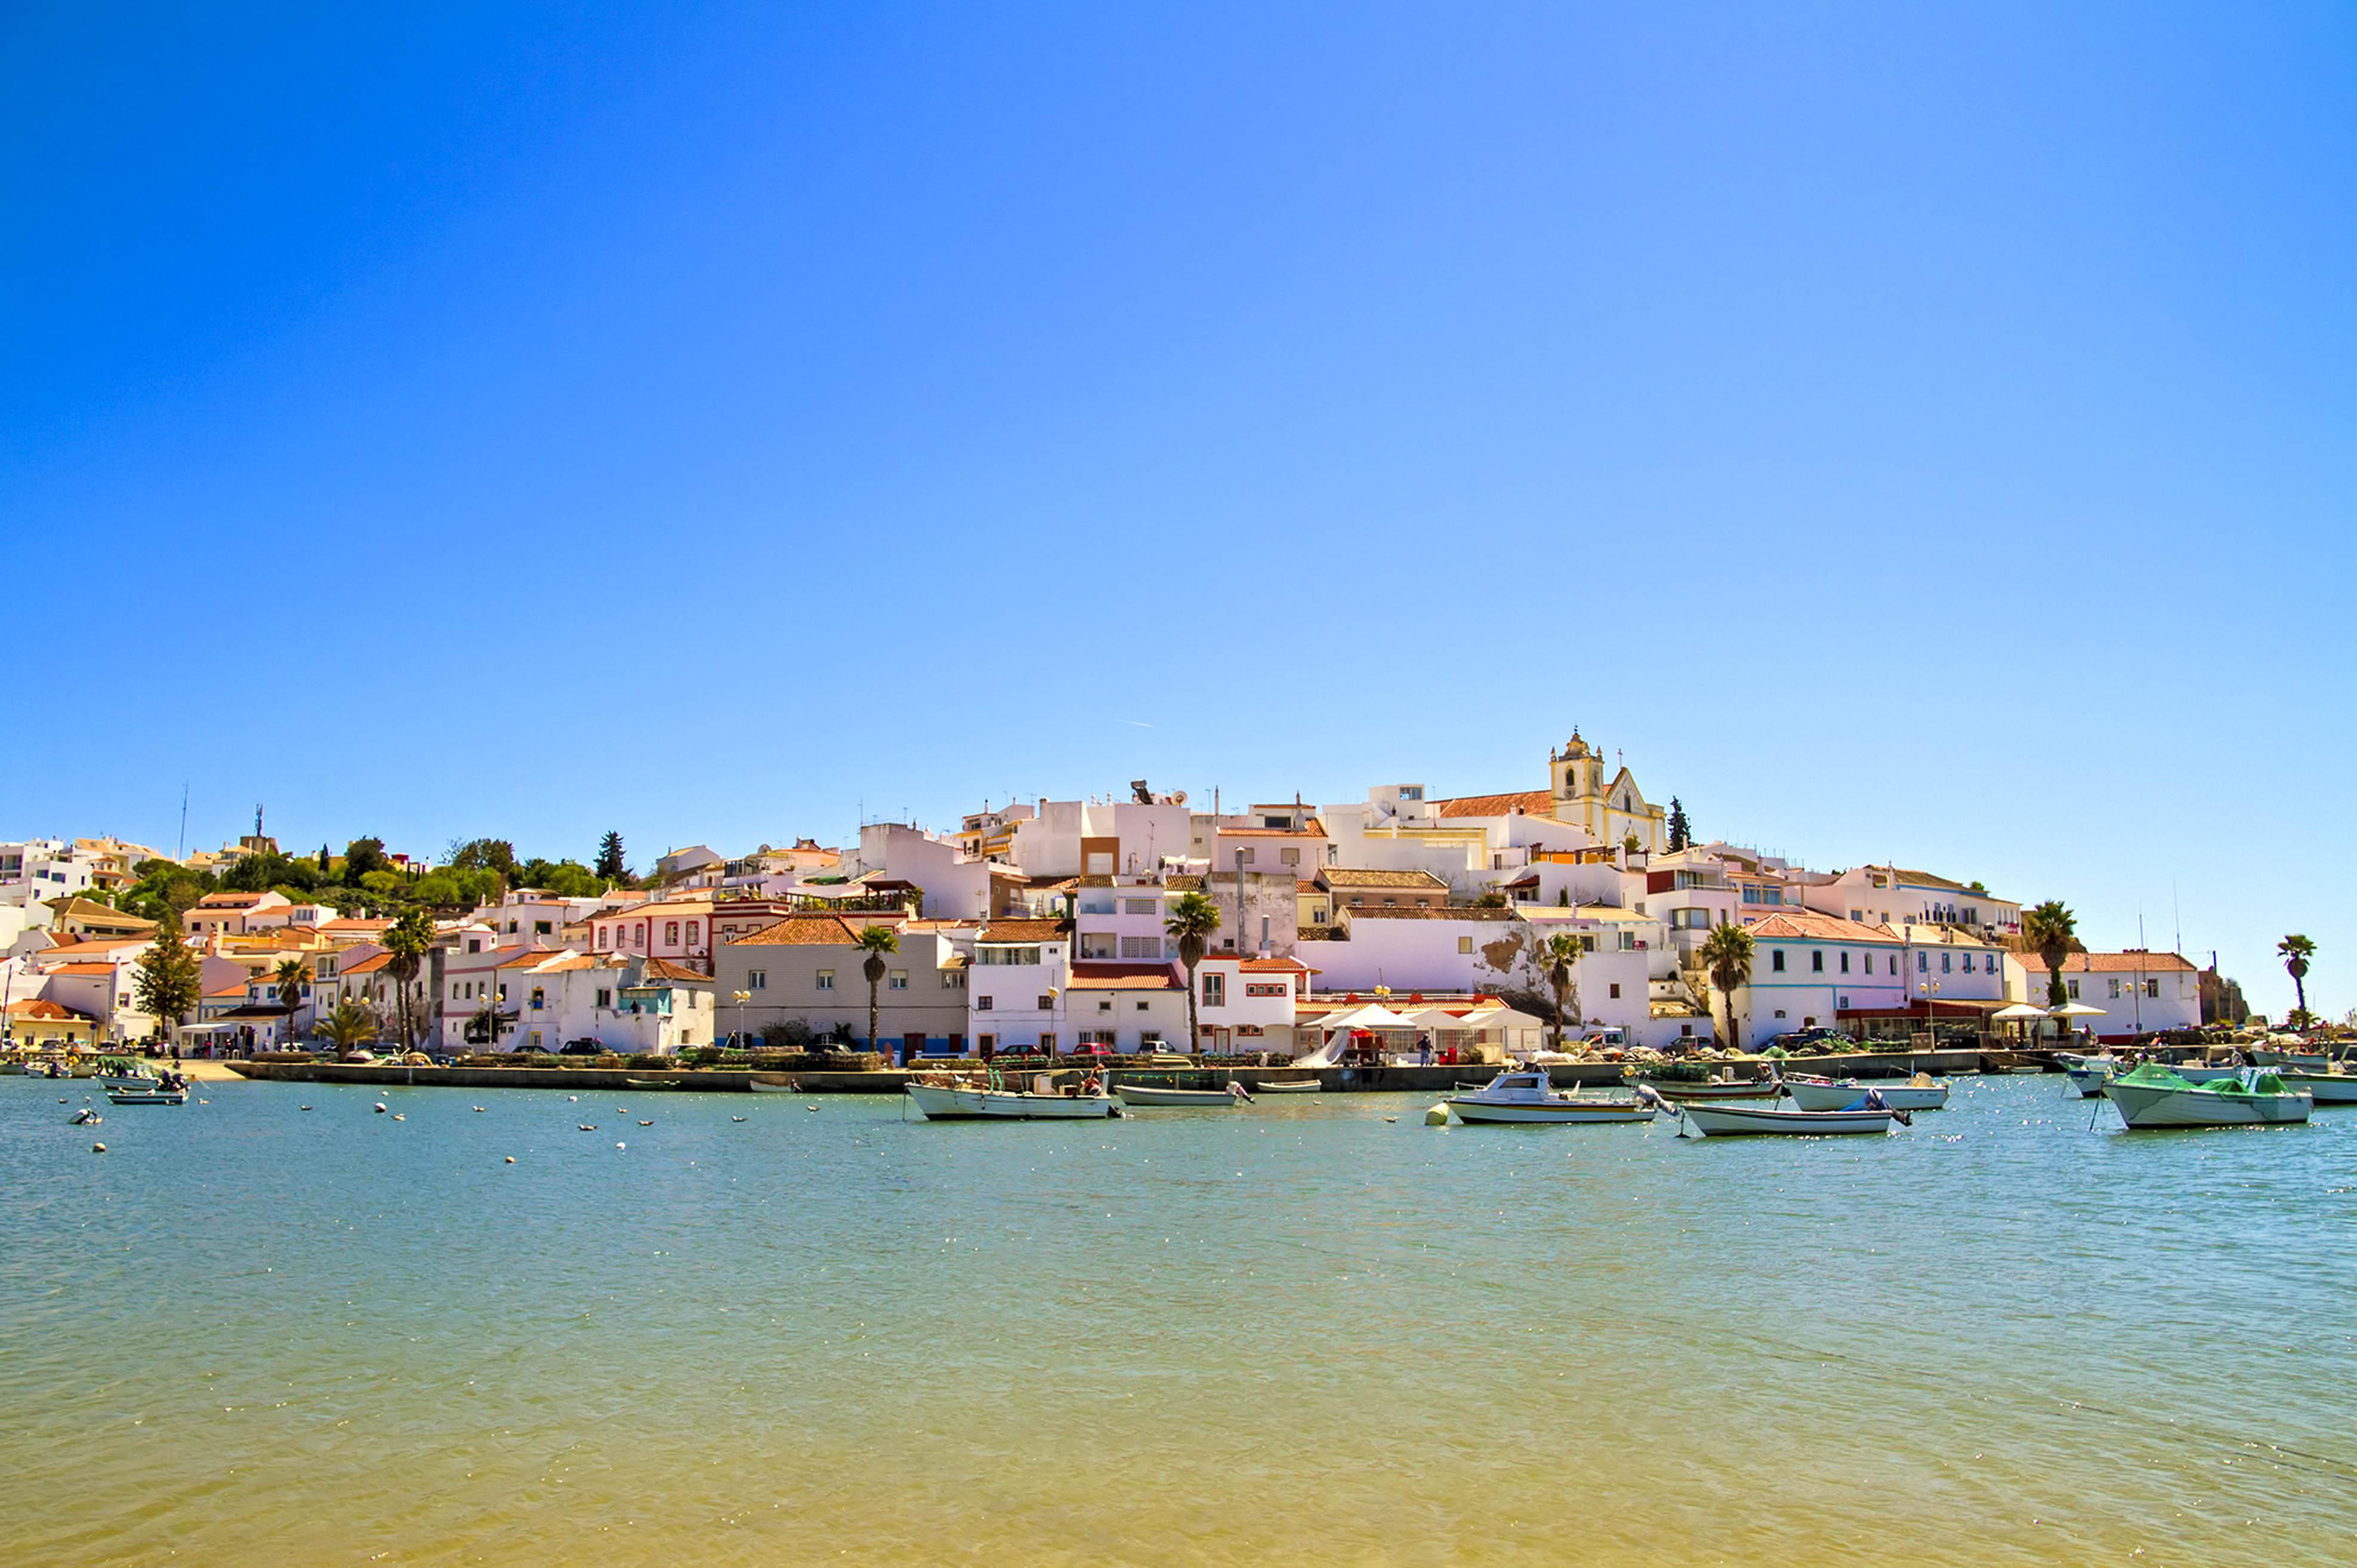 #075DC423483672 Heerlijke Streek De Algarve Holidayguru.nl Meest effectief Luxe Vakantie Portugal 3705 behang 395026283705 afbeeldingen